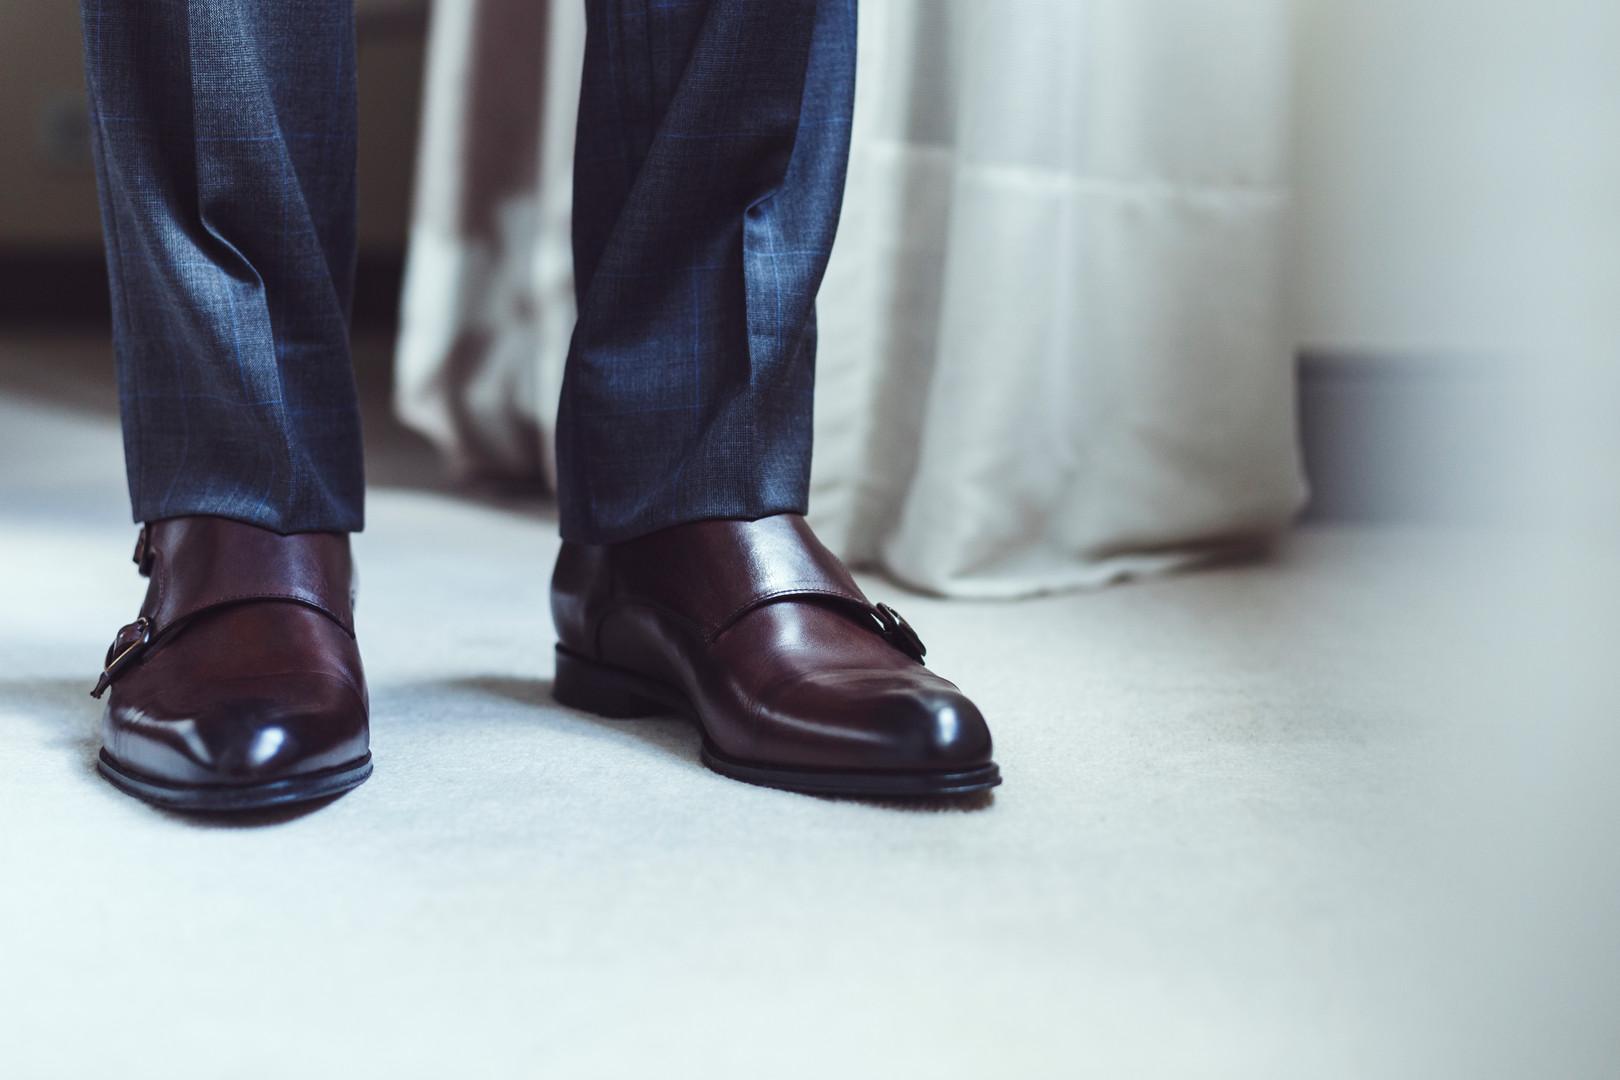 Pantalon prince de galles gris, bas simp